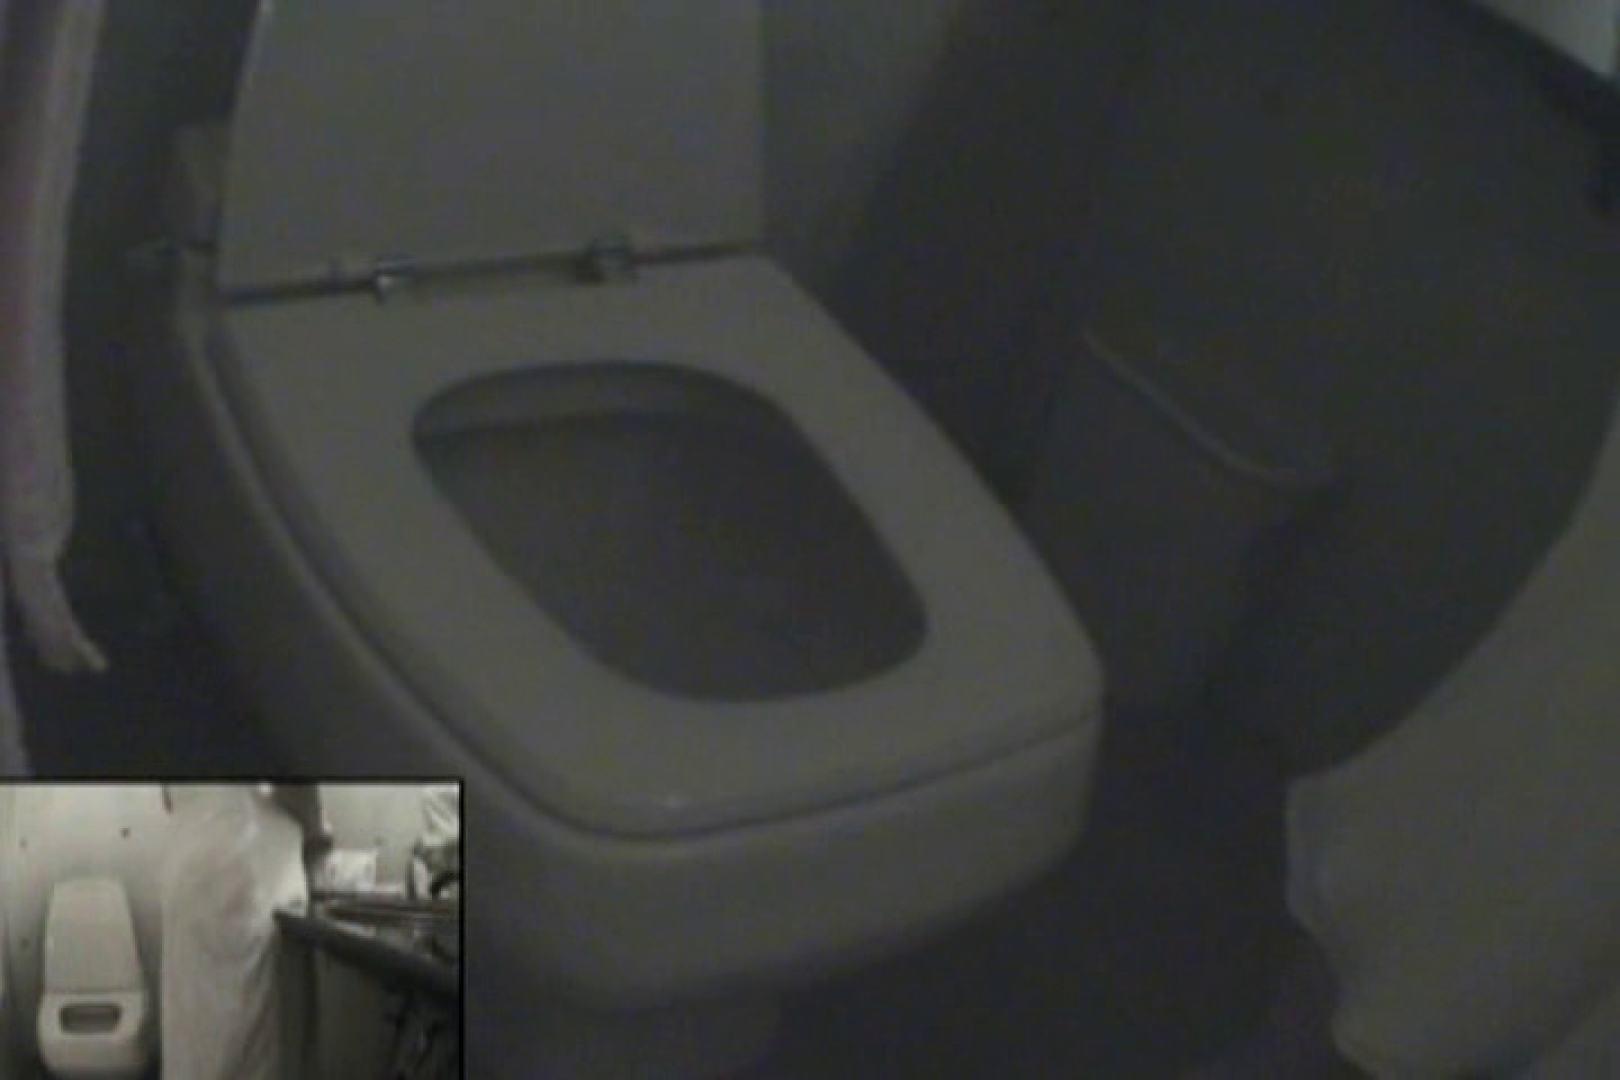 キャバ嬢は仕事の合間でもオナニーします!!Vol.8 洗面所はめどり えろ無修正画像 104画像 9